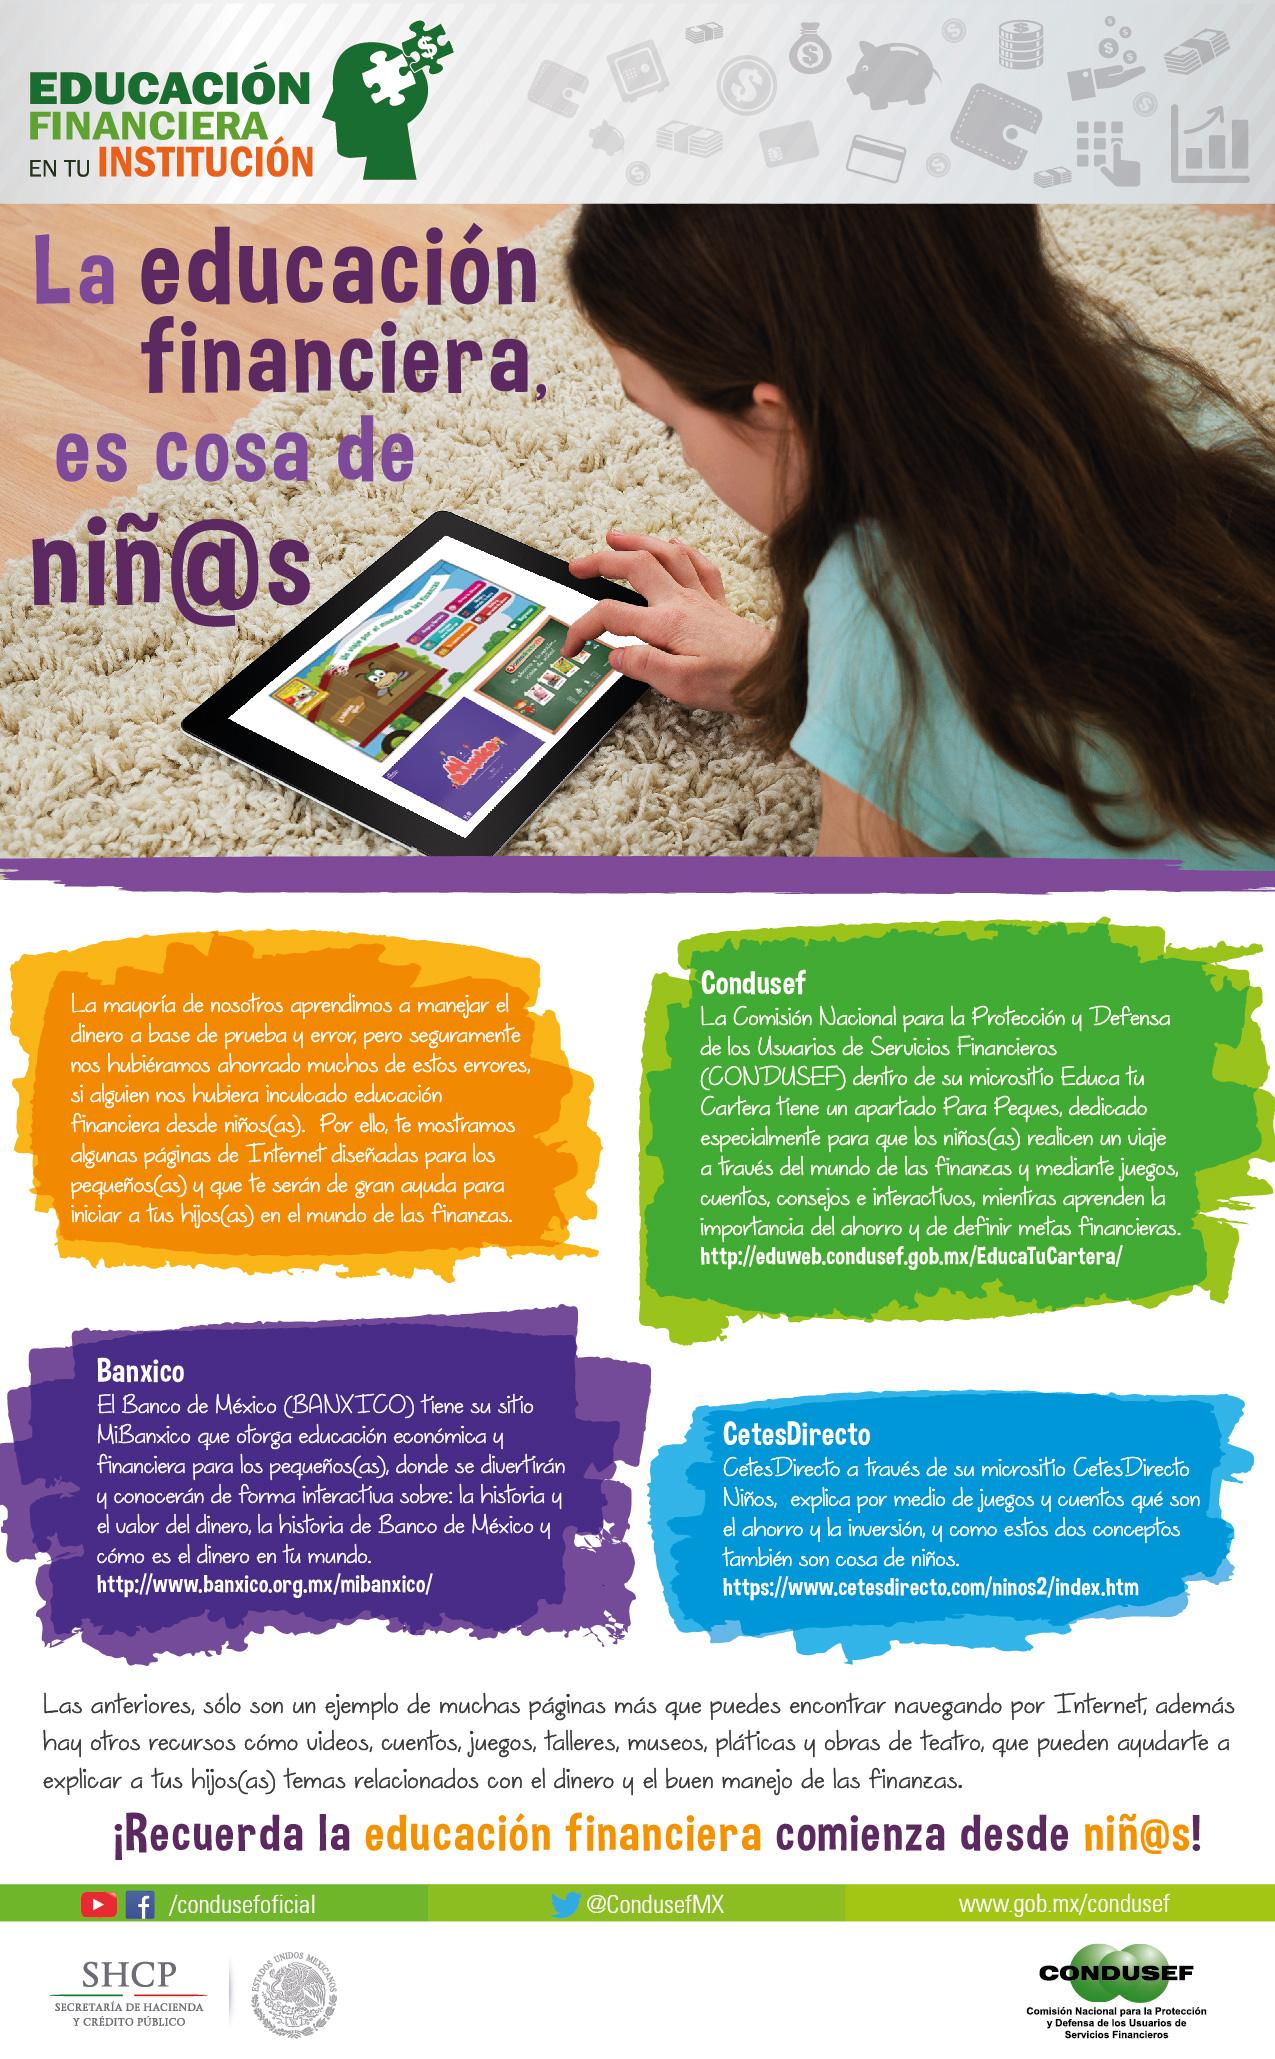 CONDUSEF_comprar_rentar_vender_casa_departamento_franquicias_inmobiliarias_REMAX_mexico